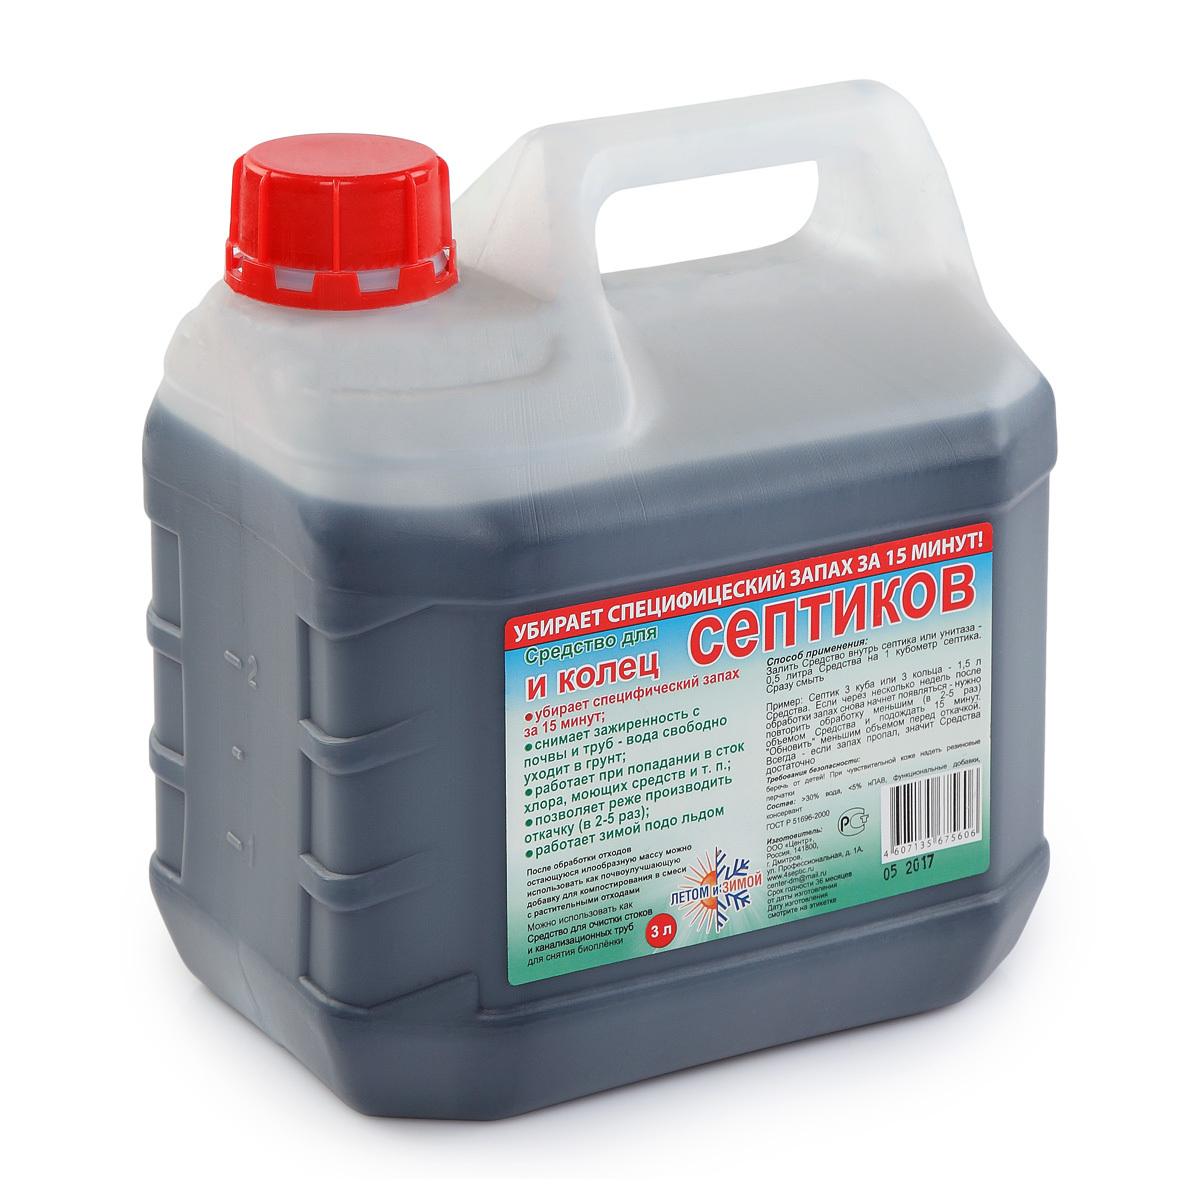 Химия для очистки выгребной ямы